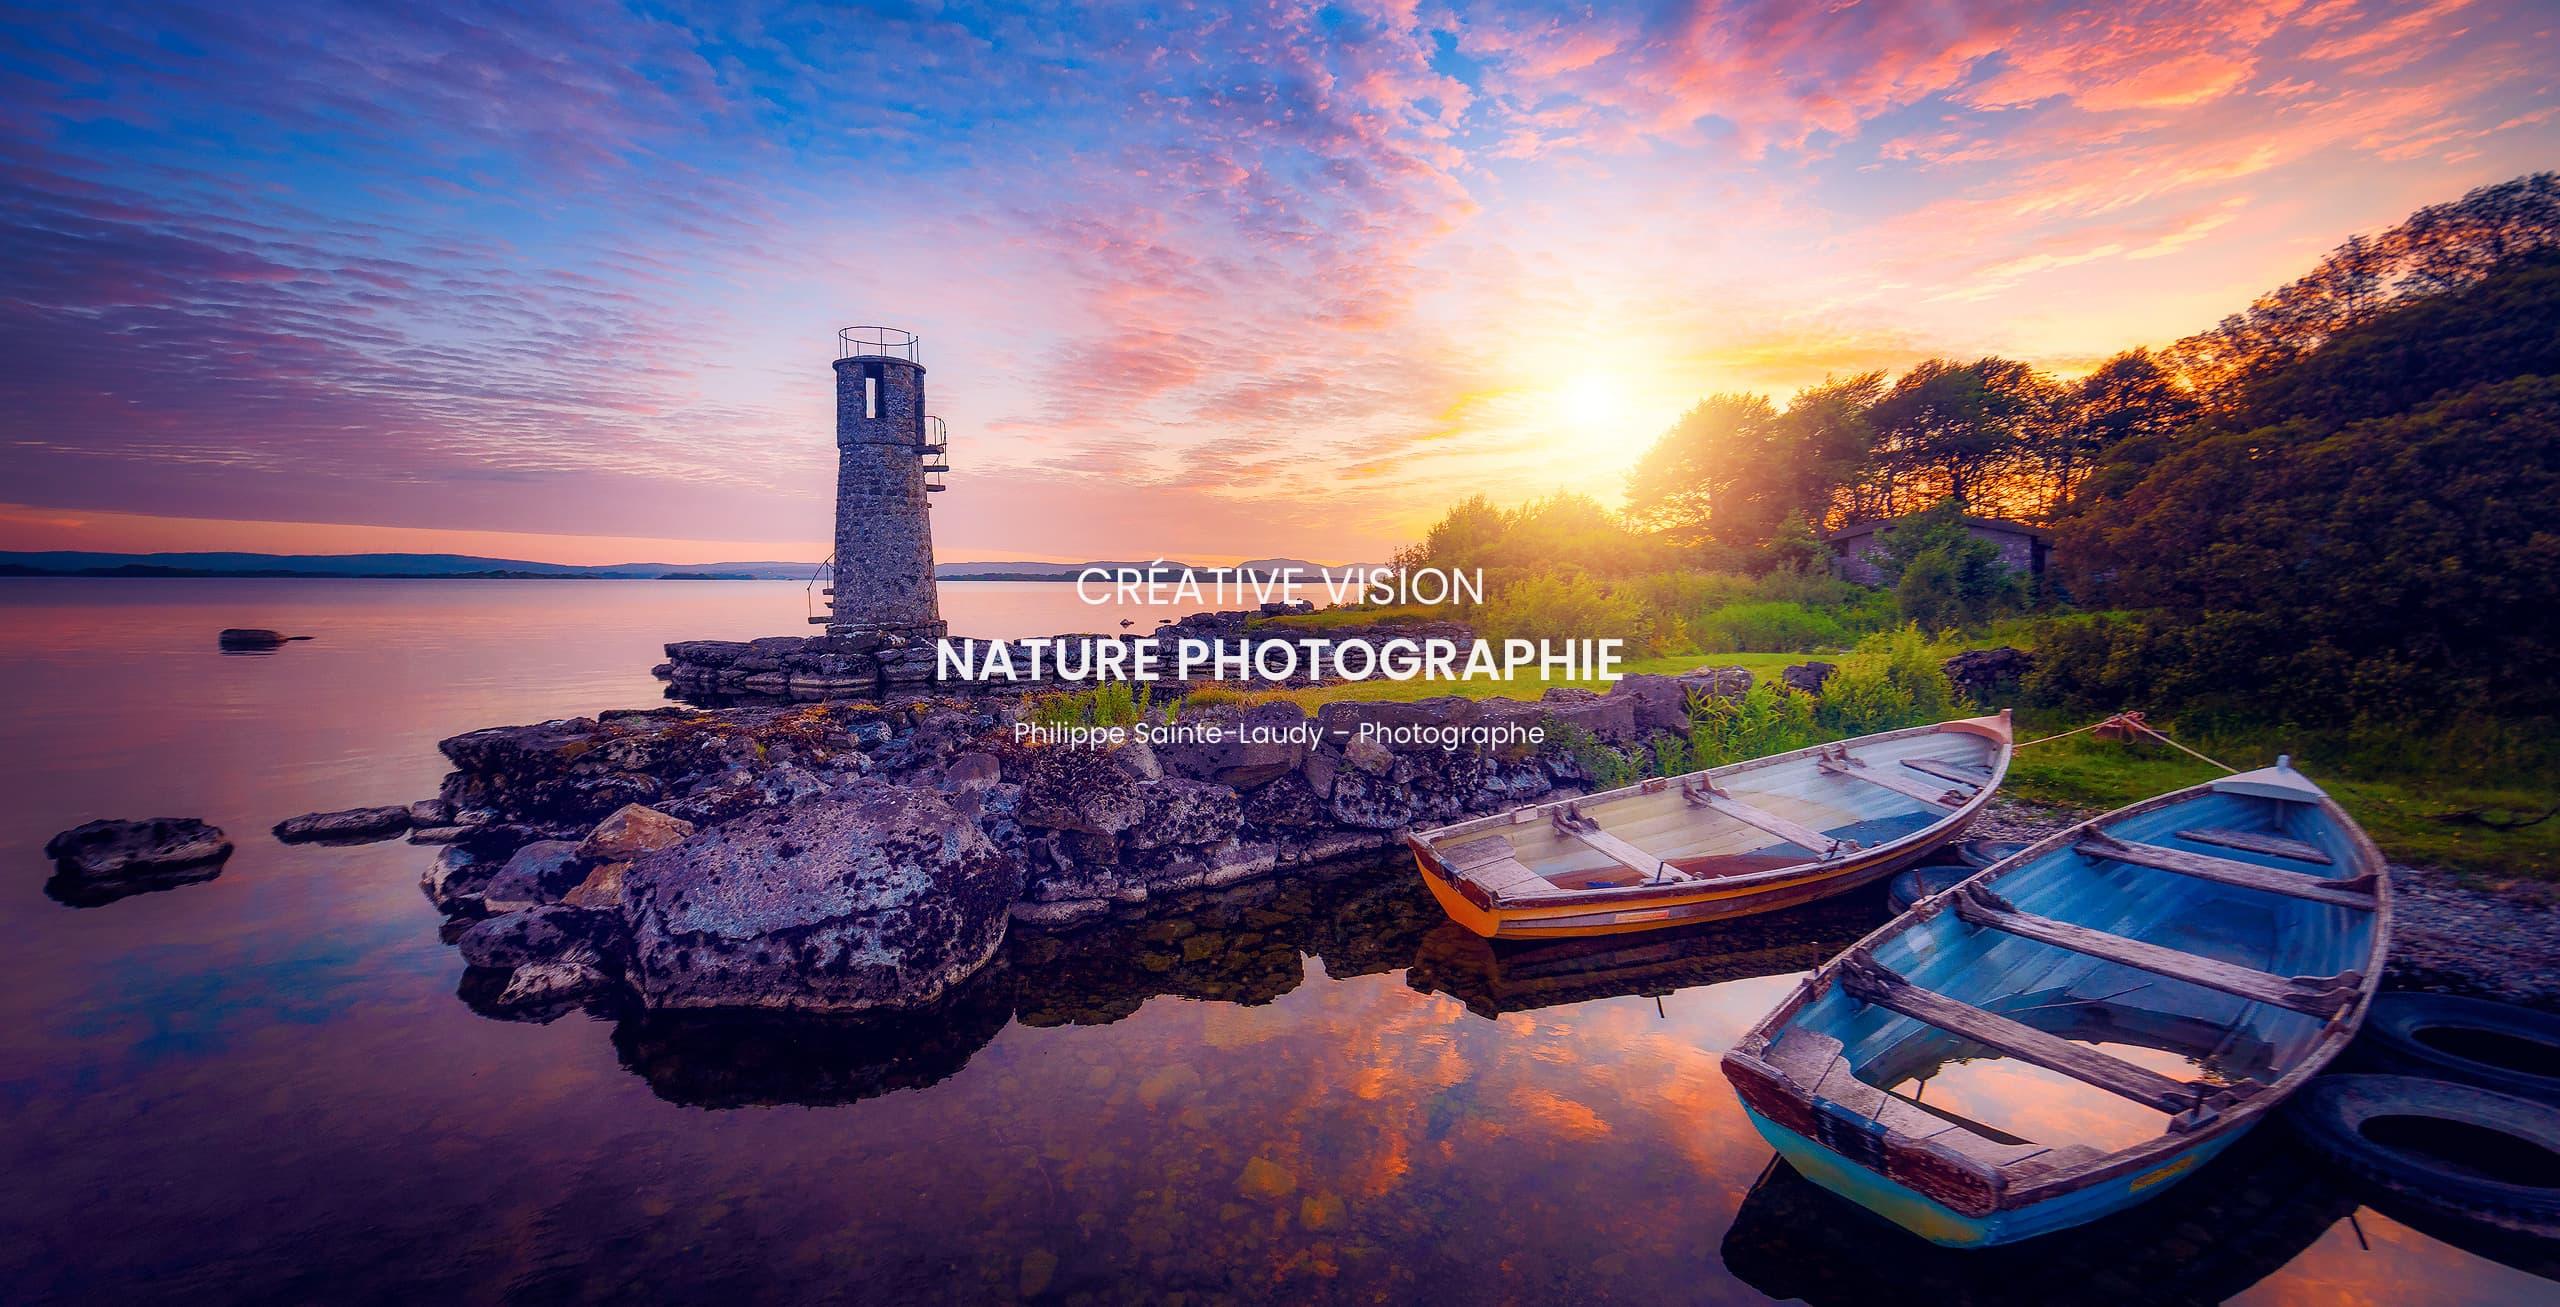 Meilleur Site Pour Photographe photographe de paysages - photographe artistique